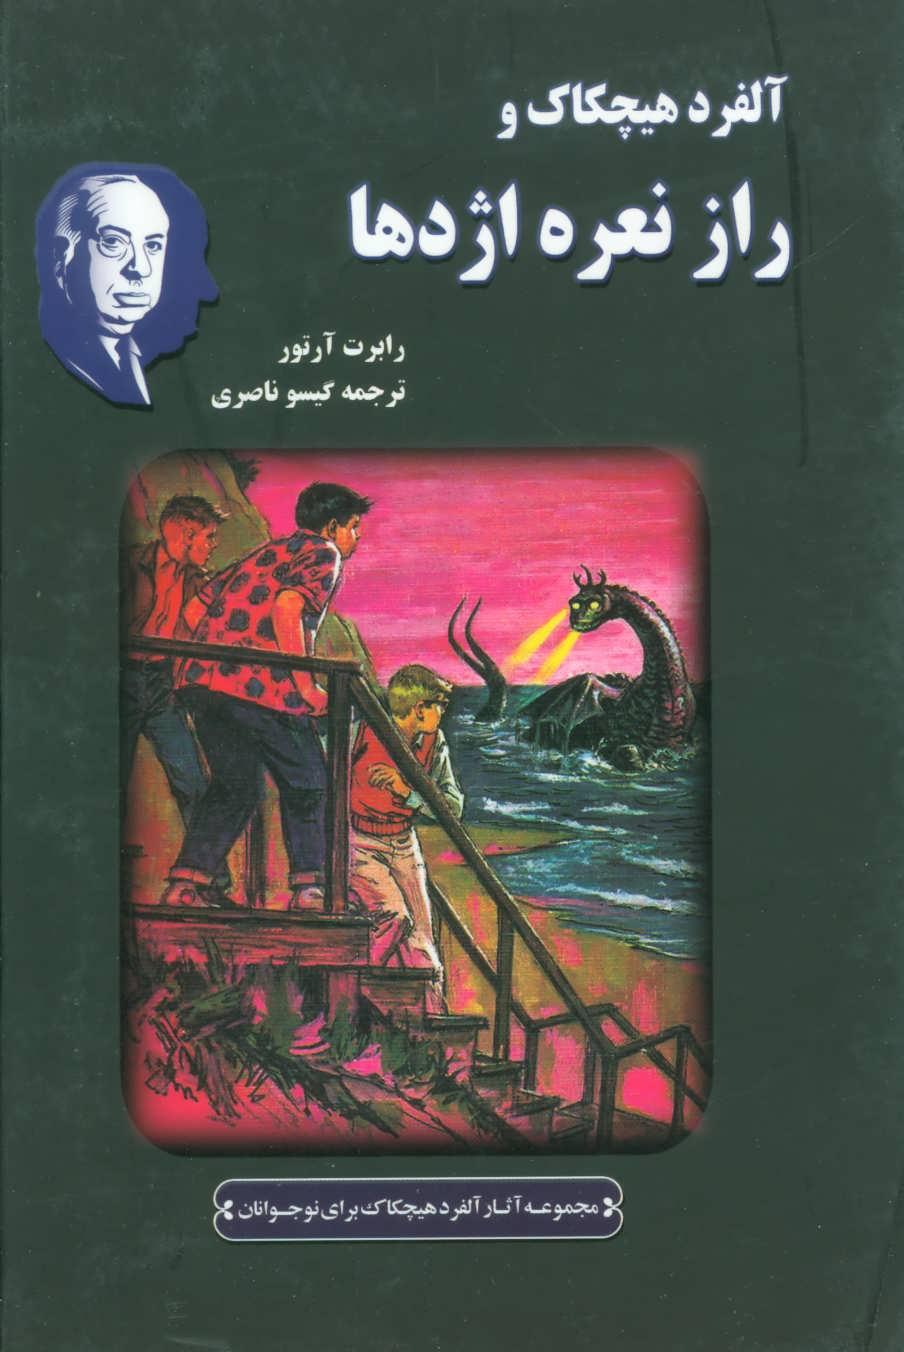 کتاب آلفرد هیچکاک و راز نعره اژدها (رقعی)